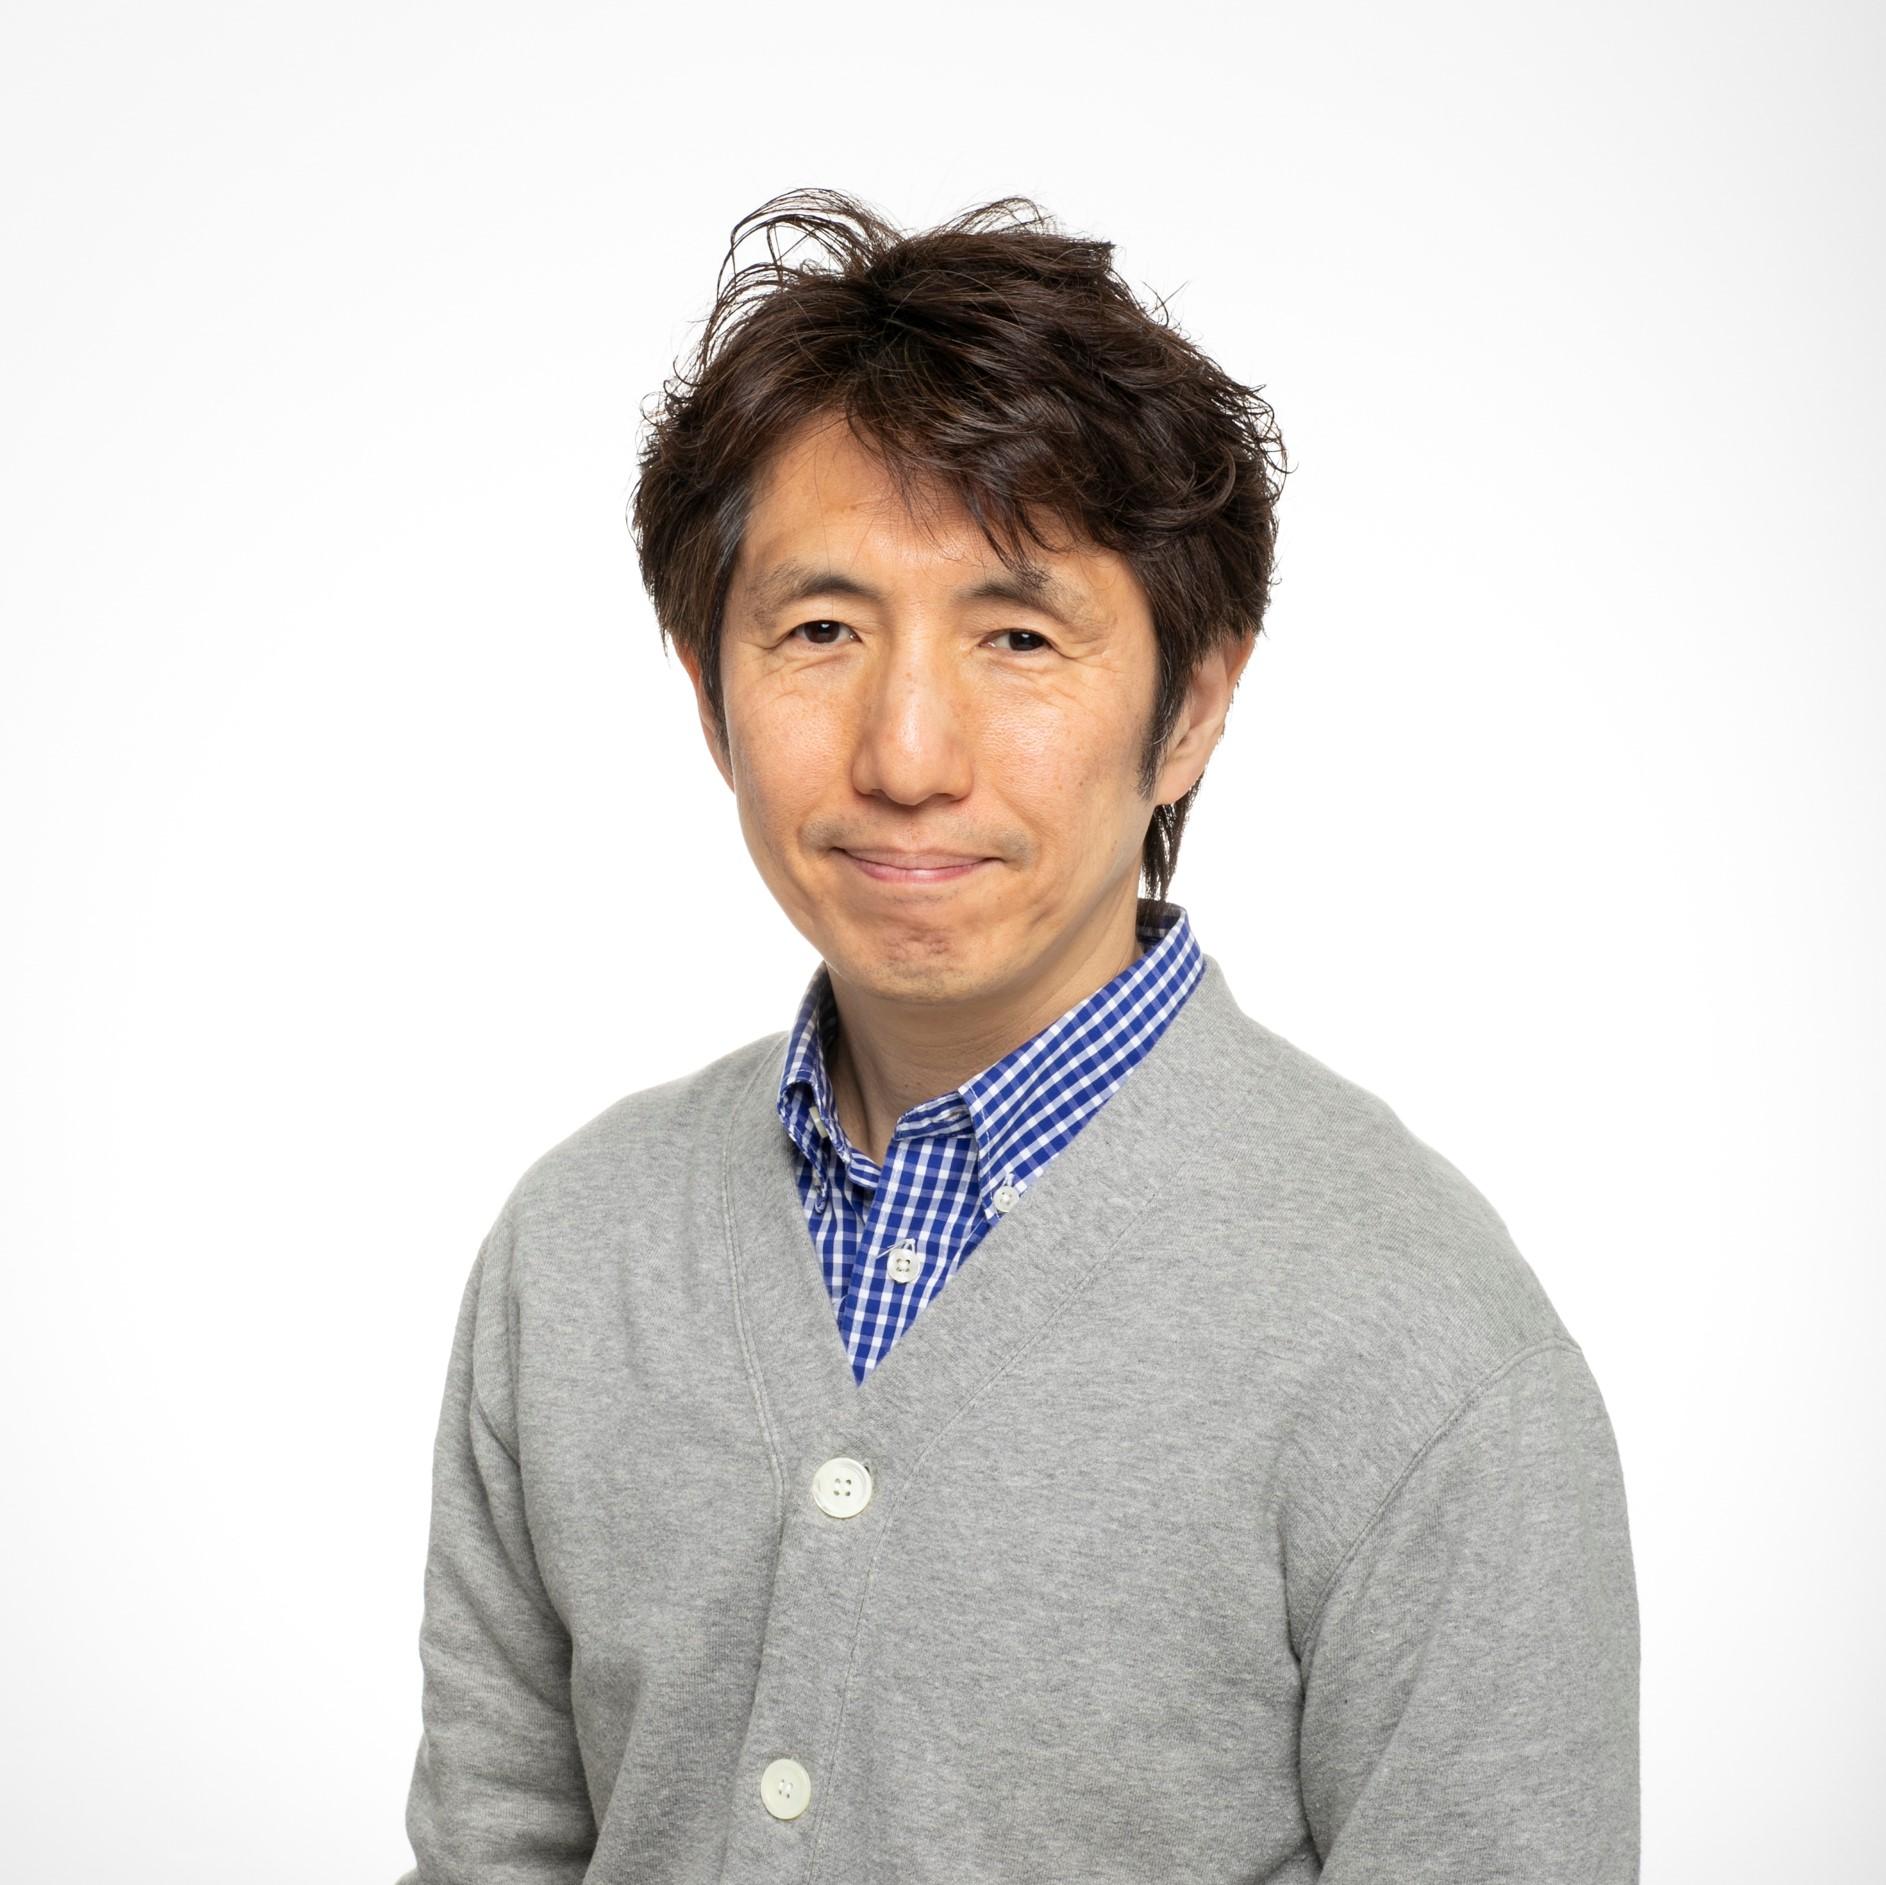 Tsuyoshi Sasage